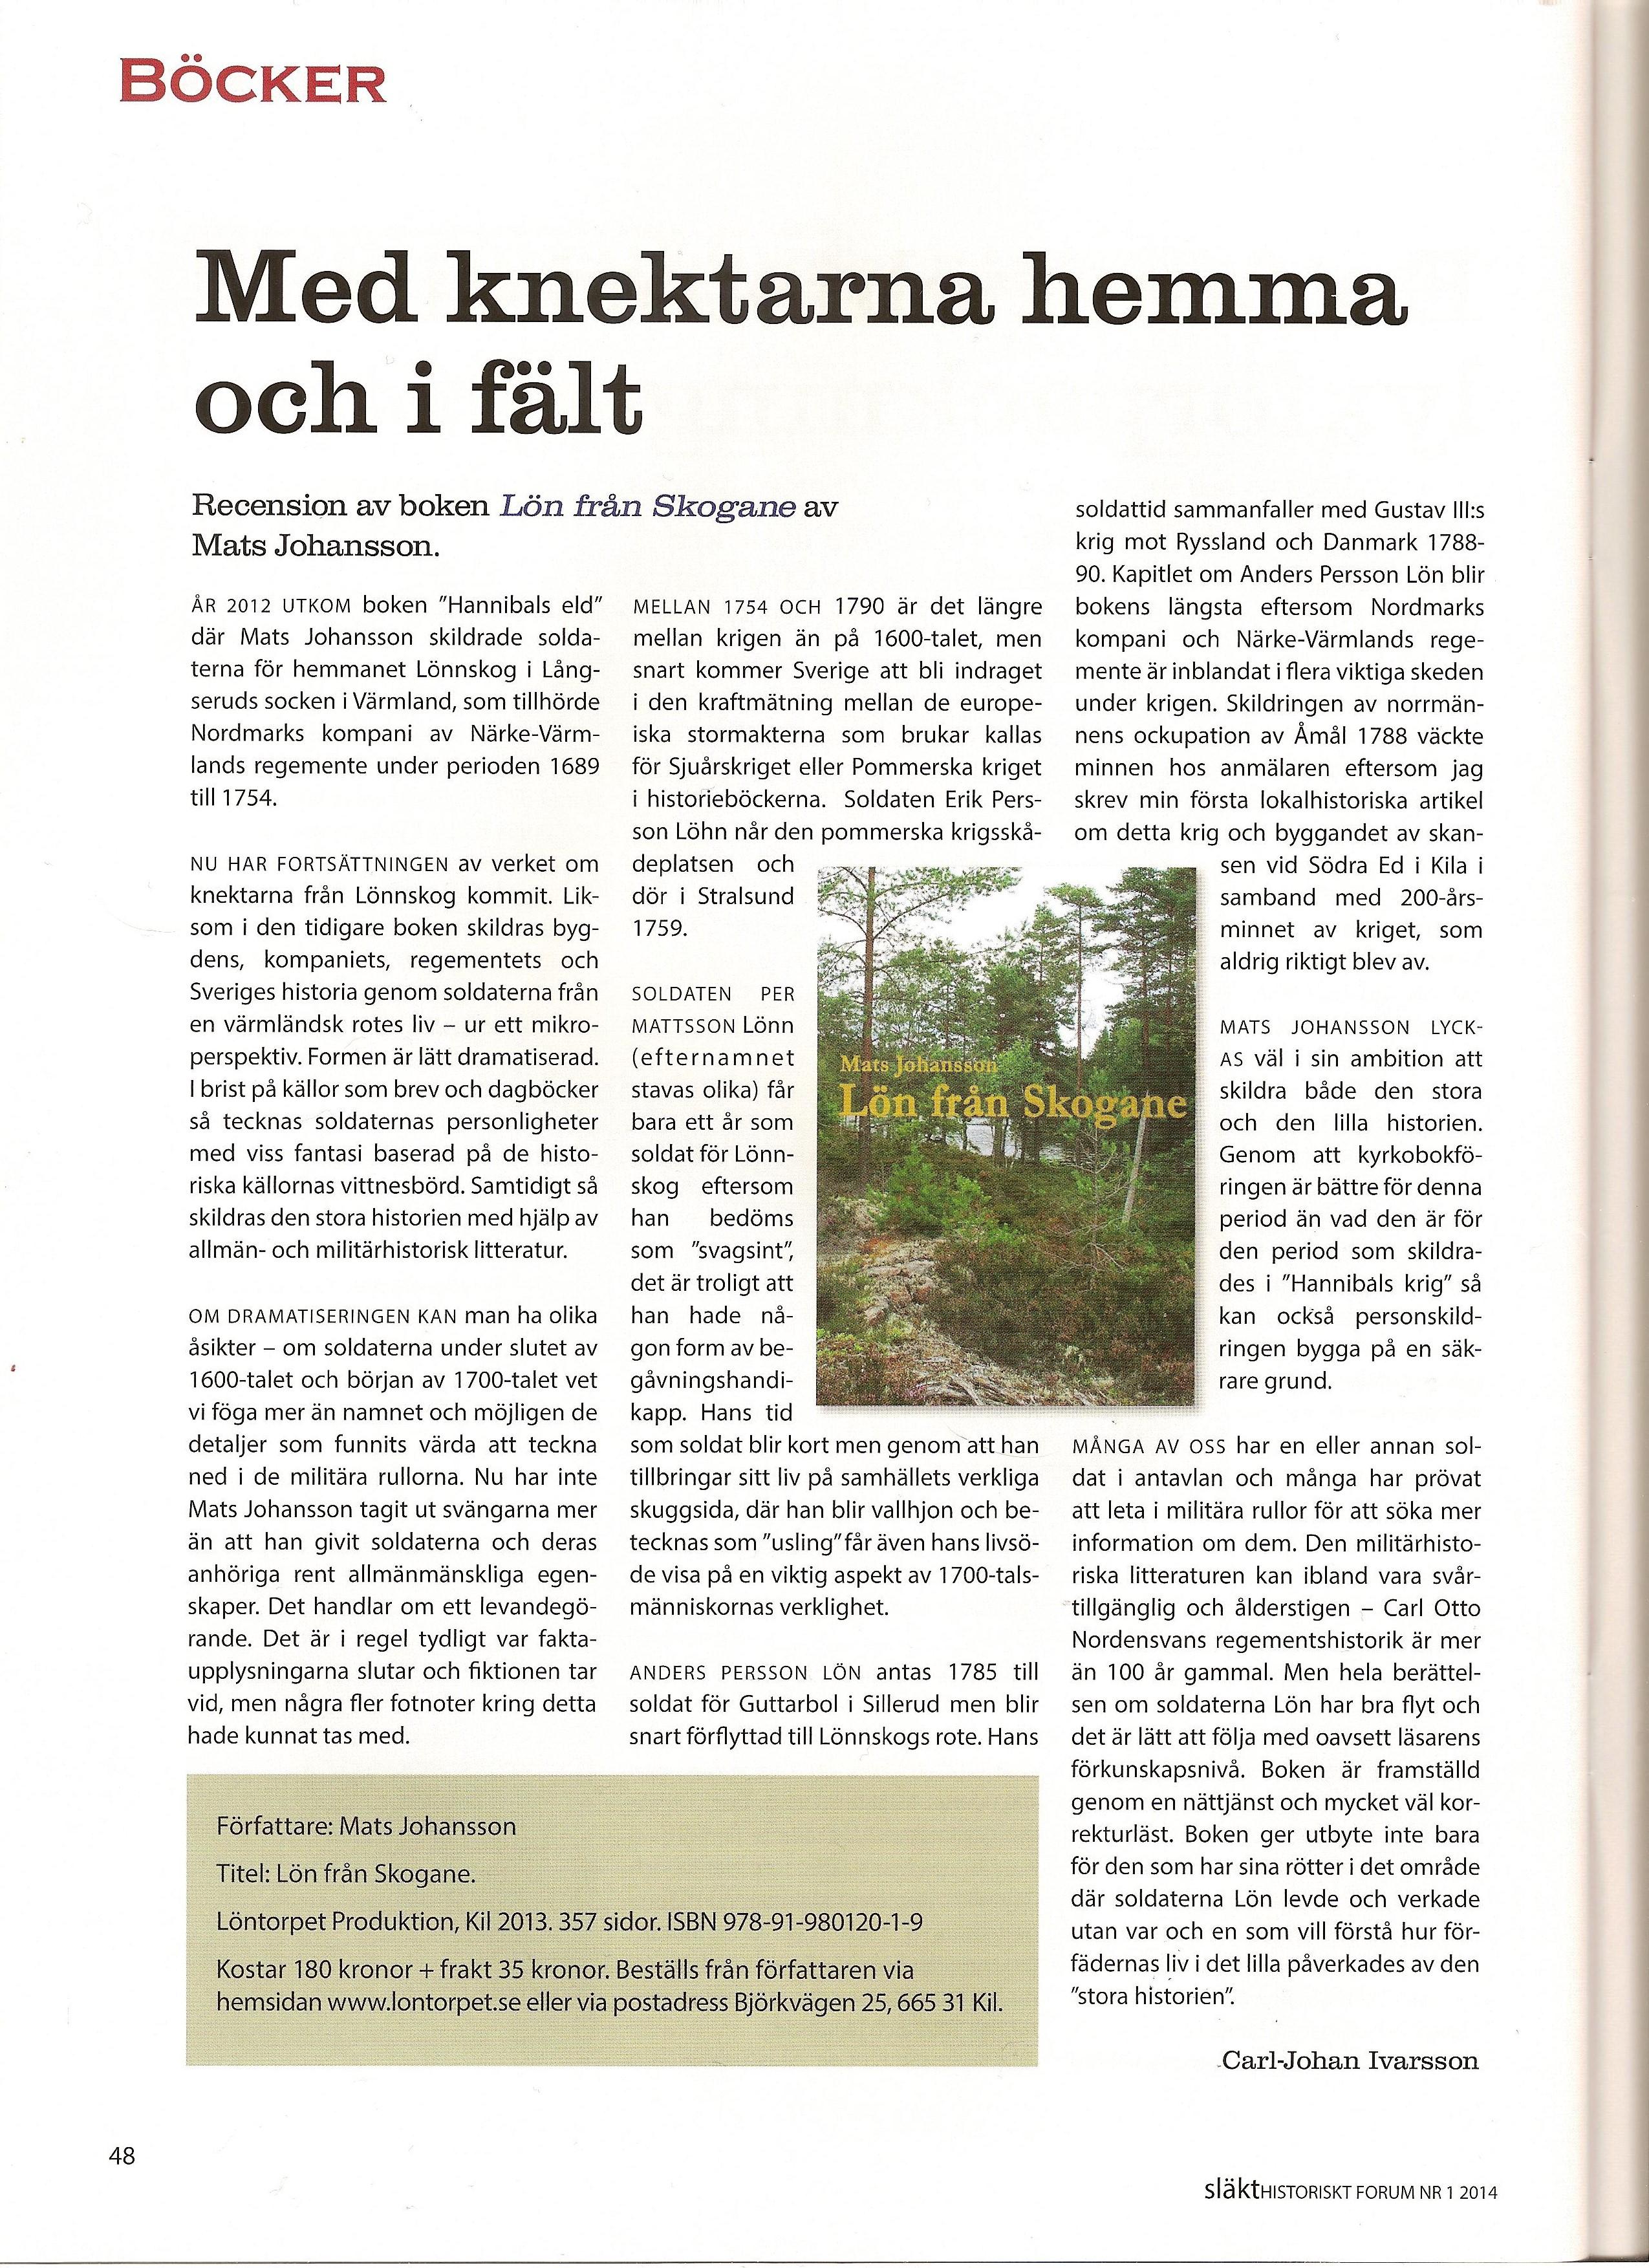 Släkthistoriskt forum recenserar Lön från Skogane av Mats Johansson